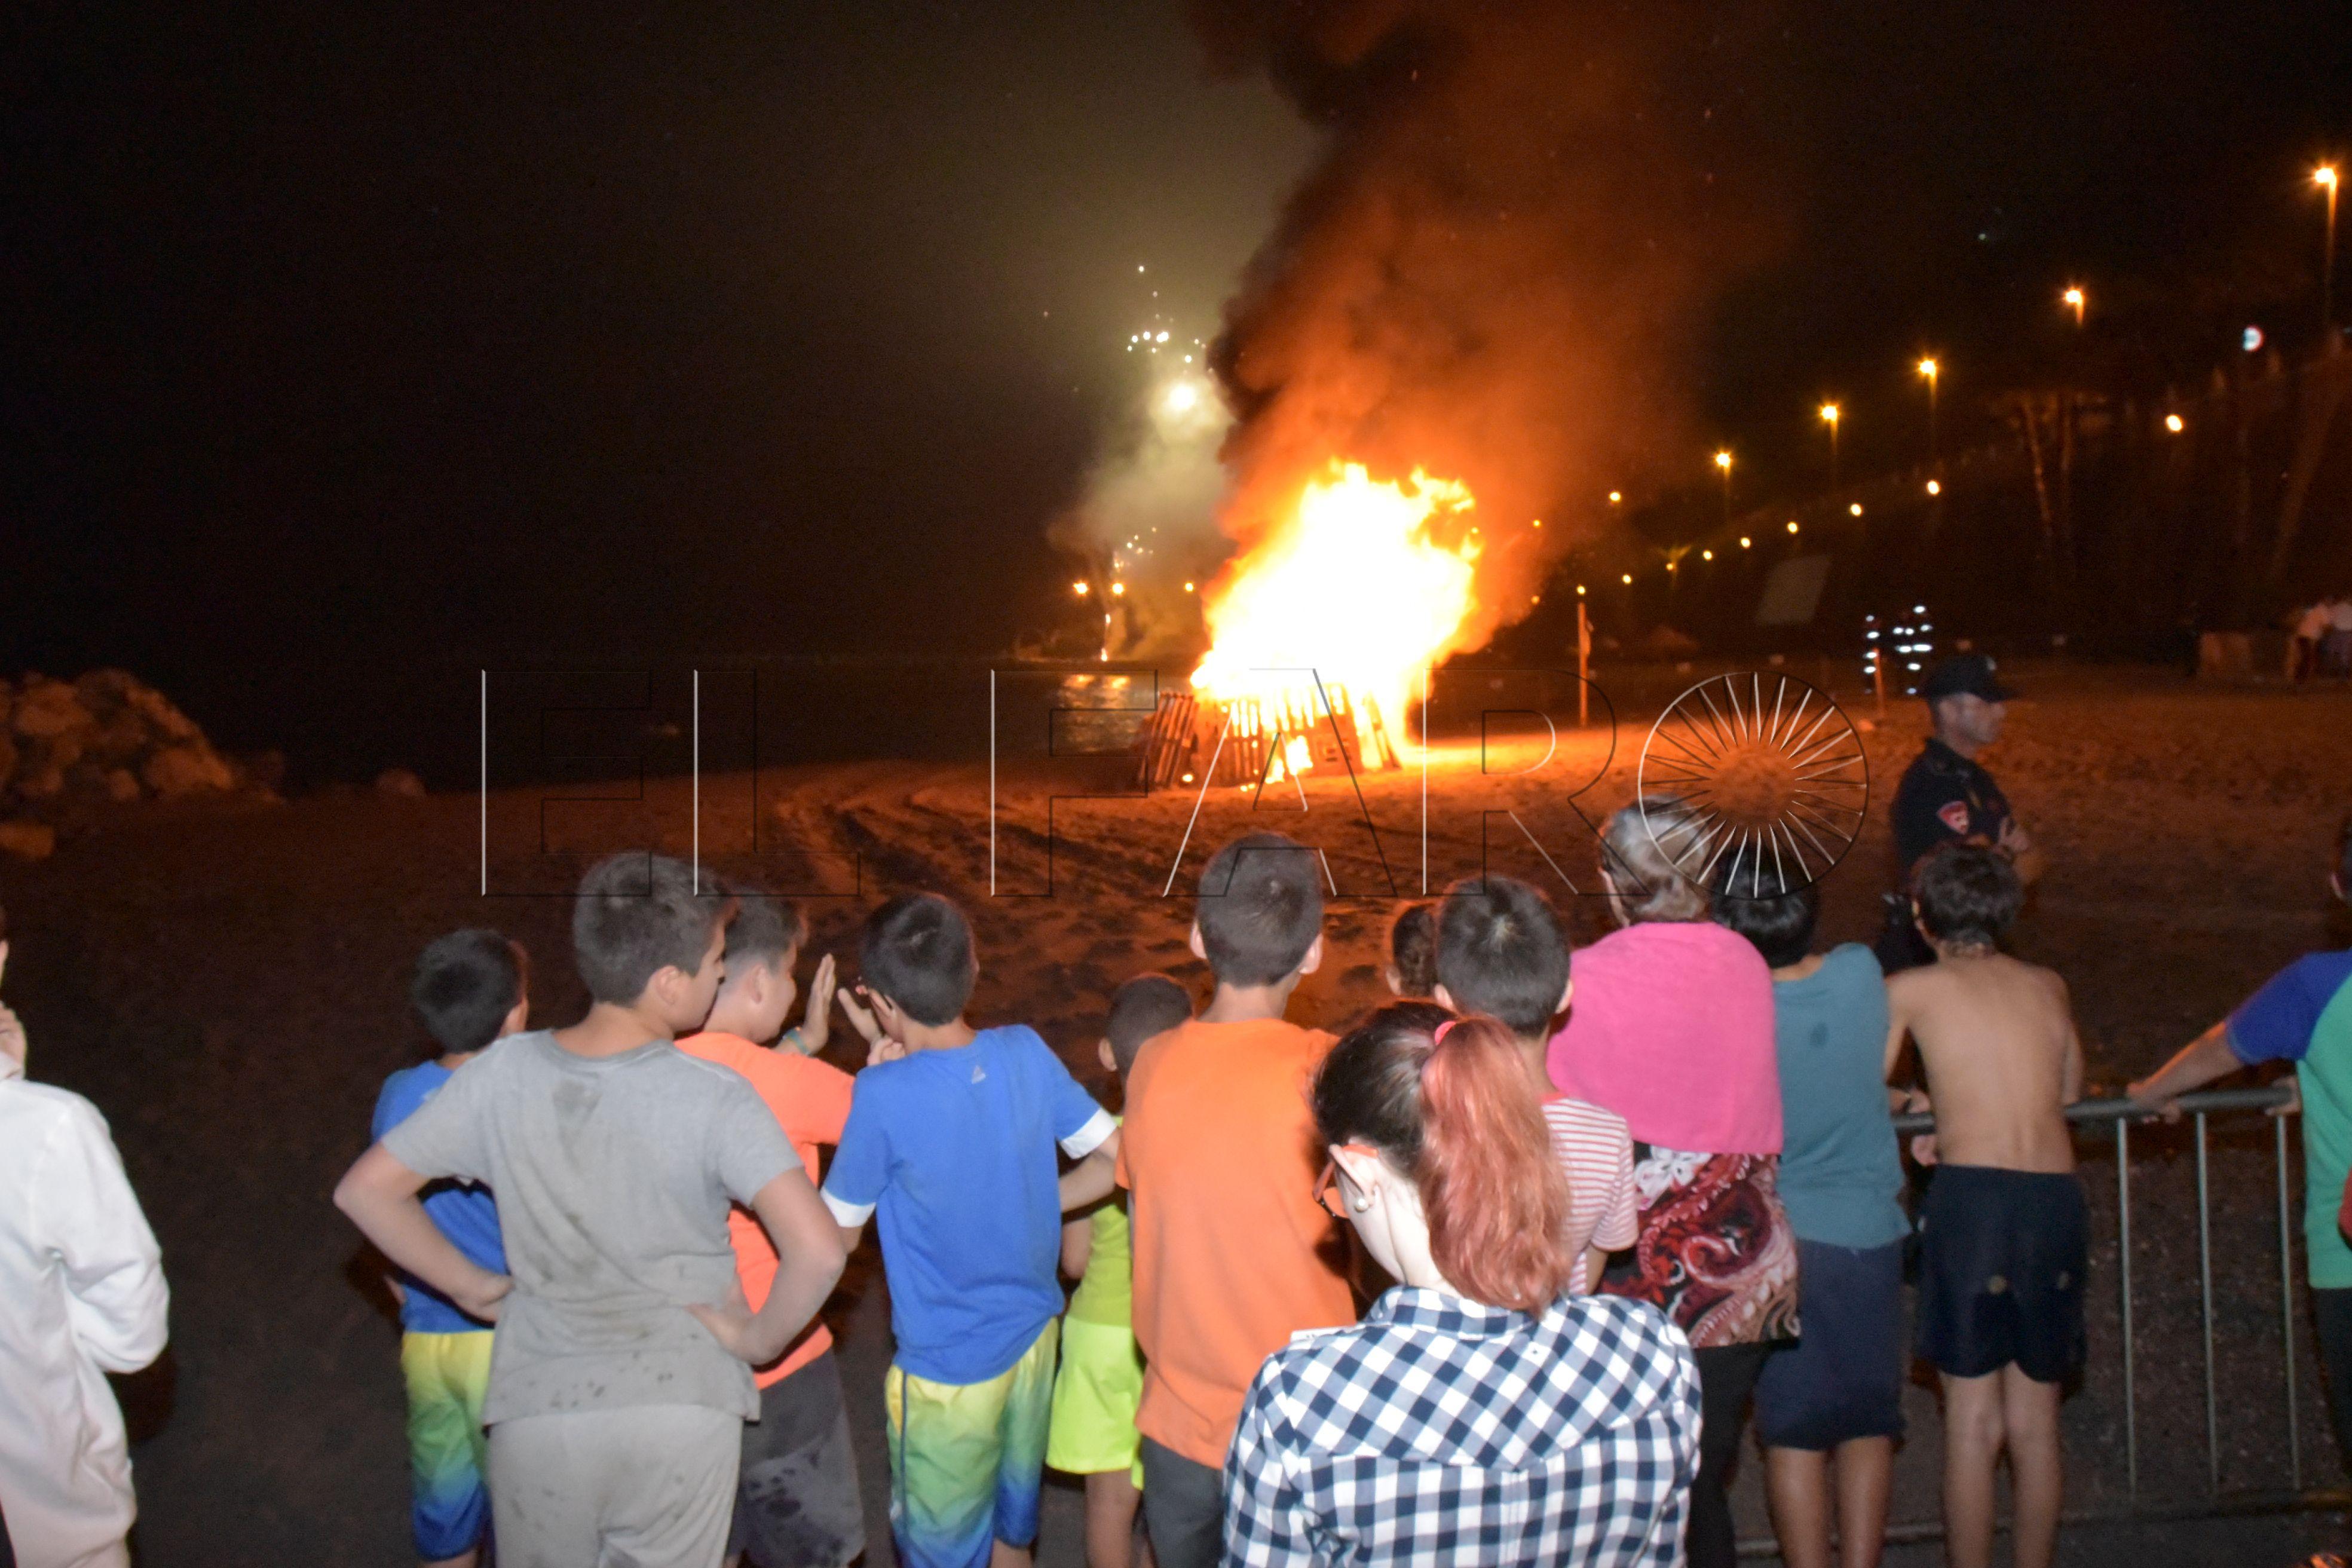 La Consejería de Fiestas ya tiene preparado el dispositivo de la Noche de San Juan